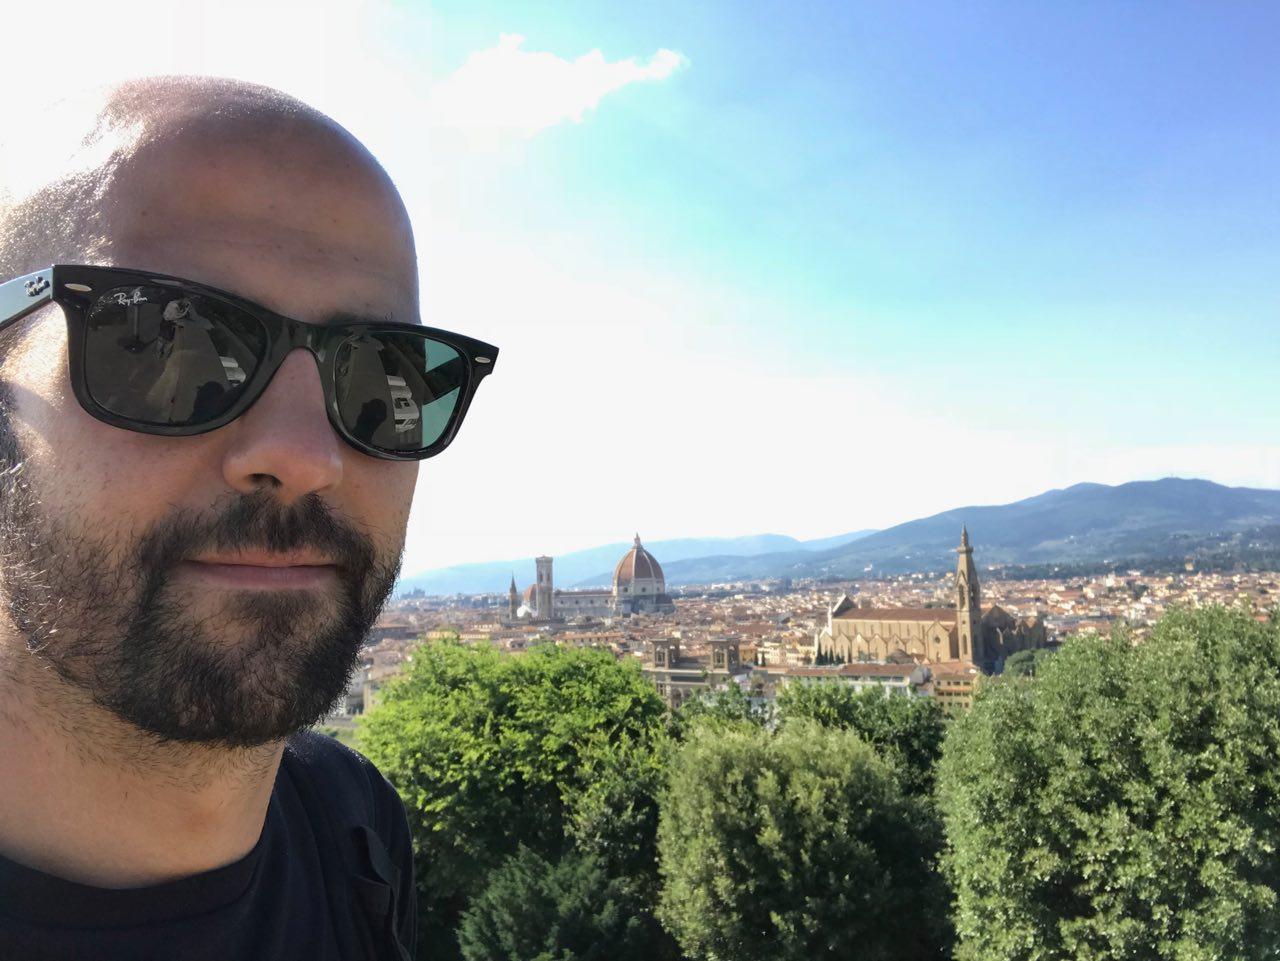 Explorar, trabajar, vivir y viajar por Italia durante 20 días. Los mejores aprendizajes y descubrimientos en Italia...